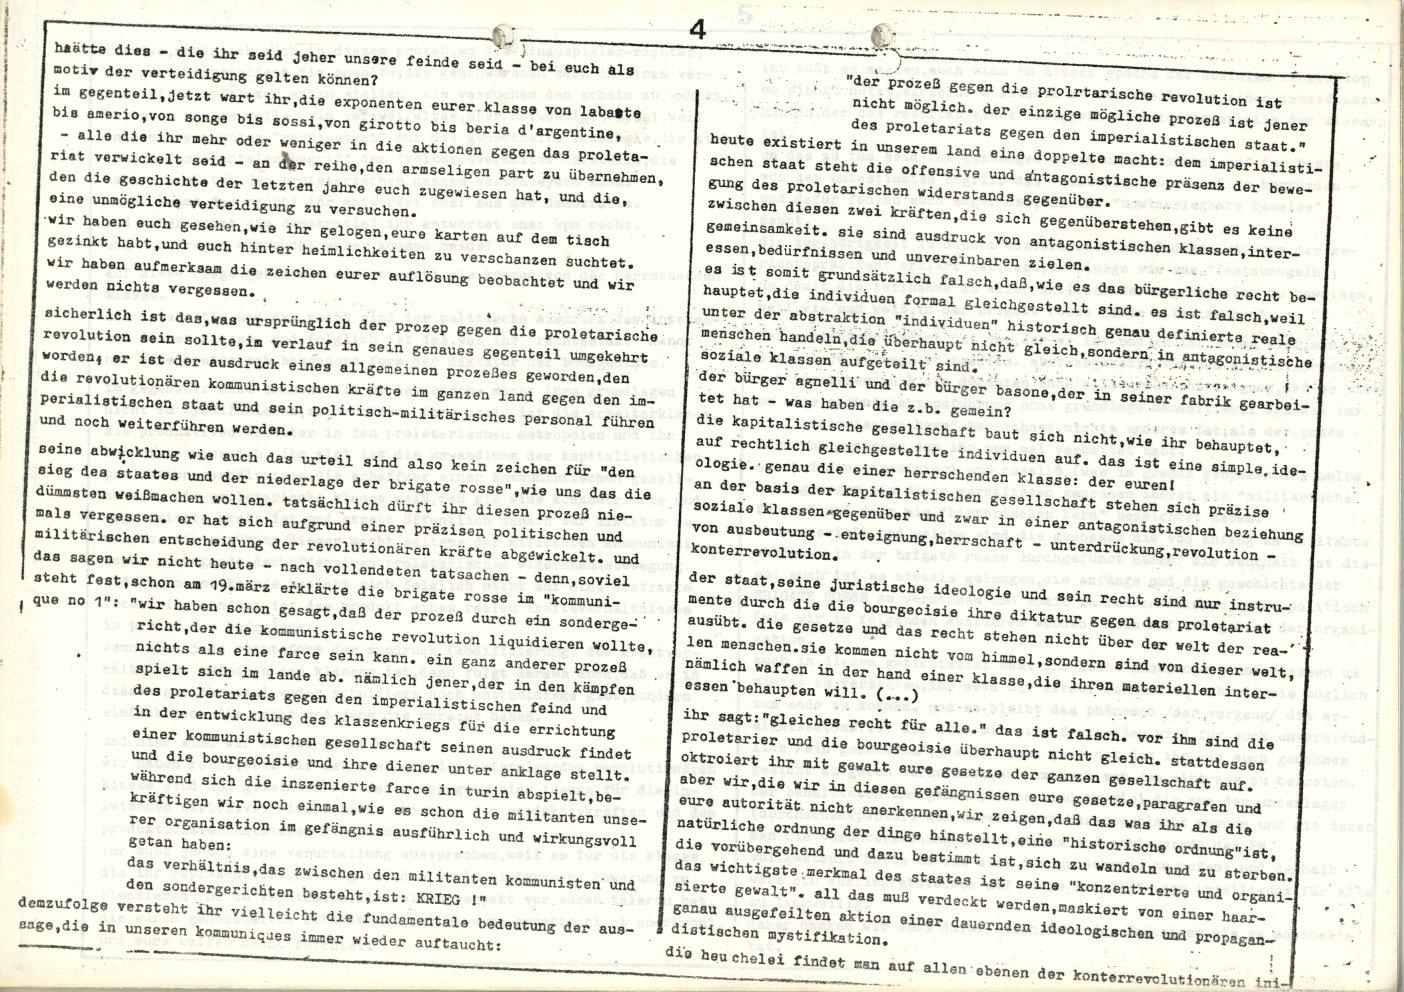 Italien_Brigate_Rosse_1982_Texte_1_19